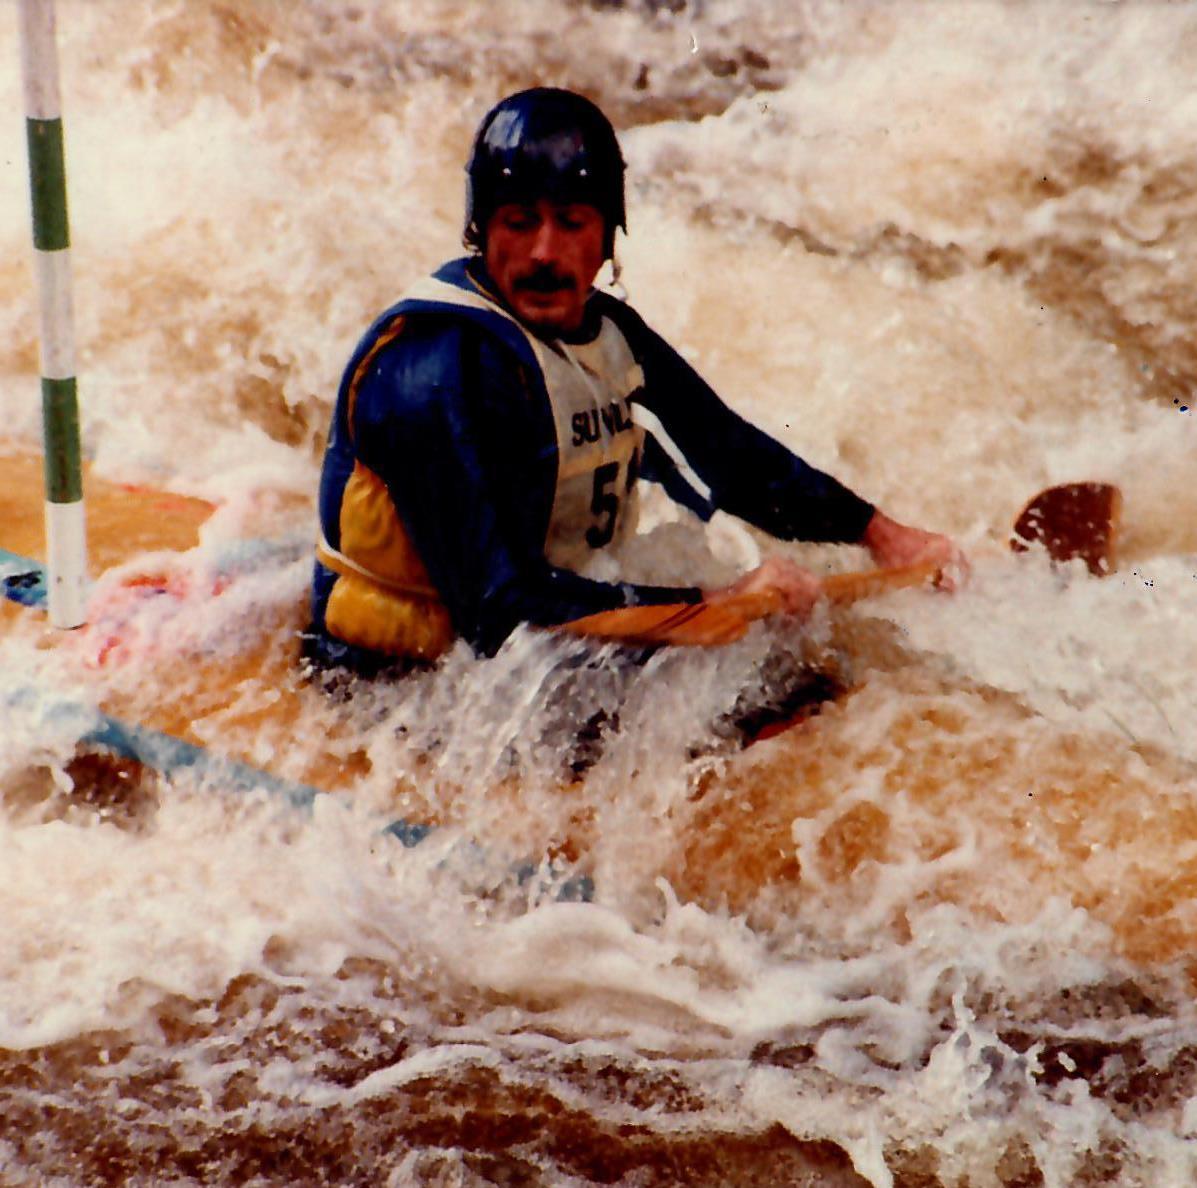 Old school kayaking on the Tryweryn